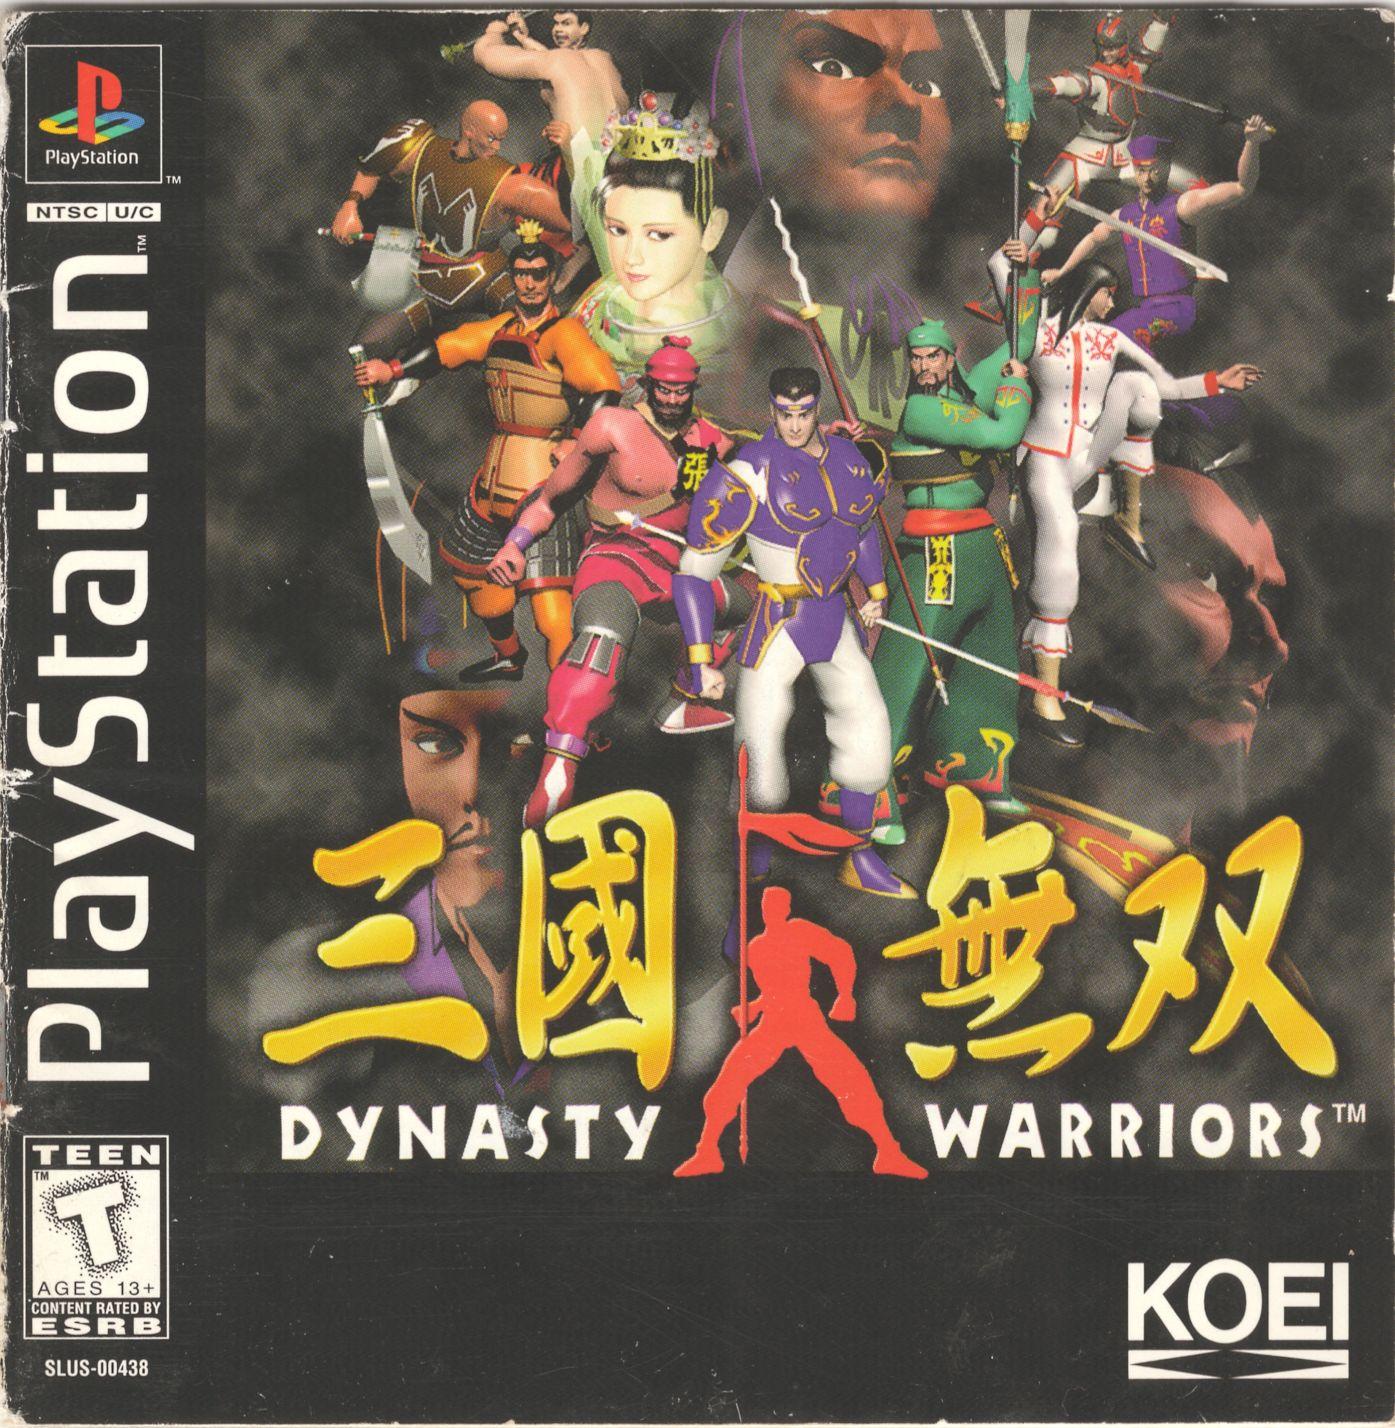 Dynasty Warriors [SLUS-00438]